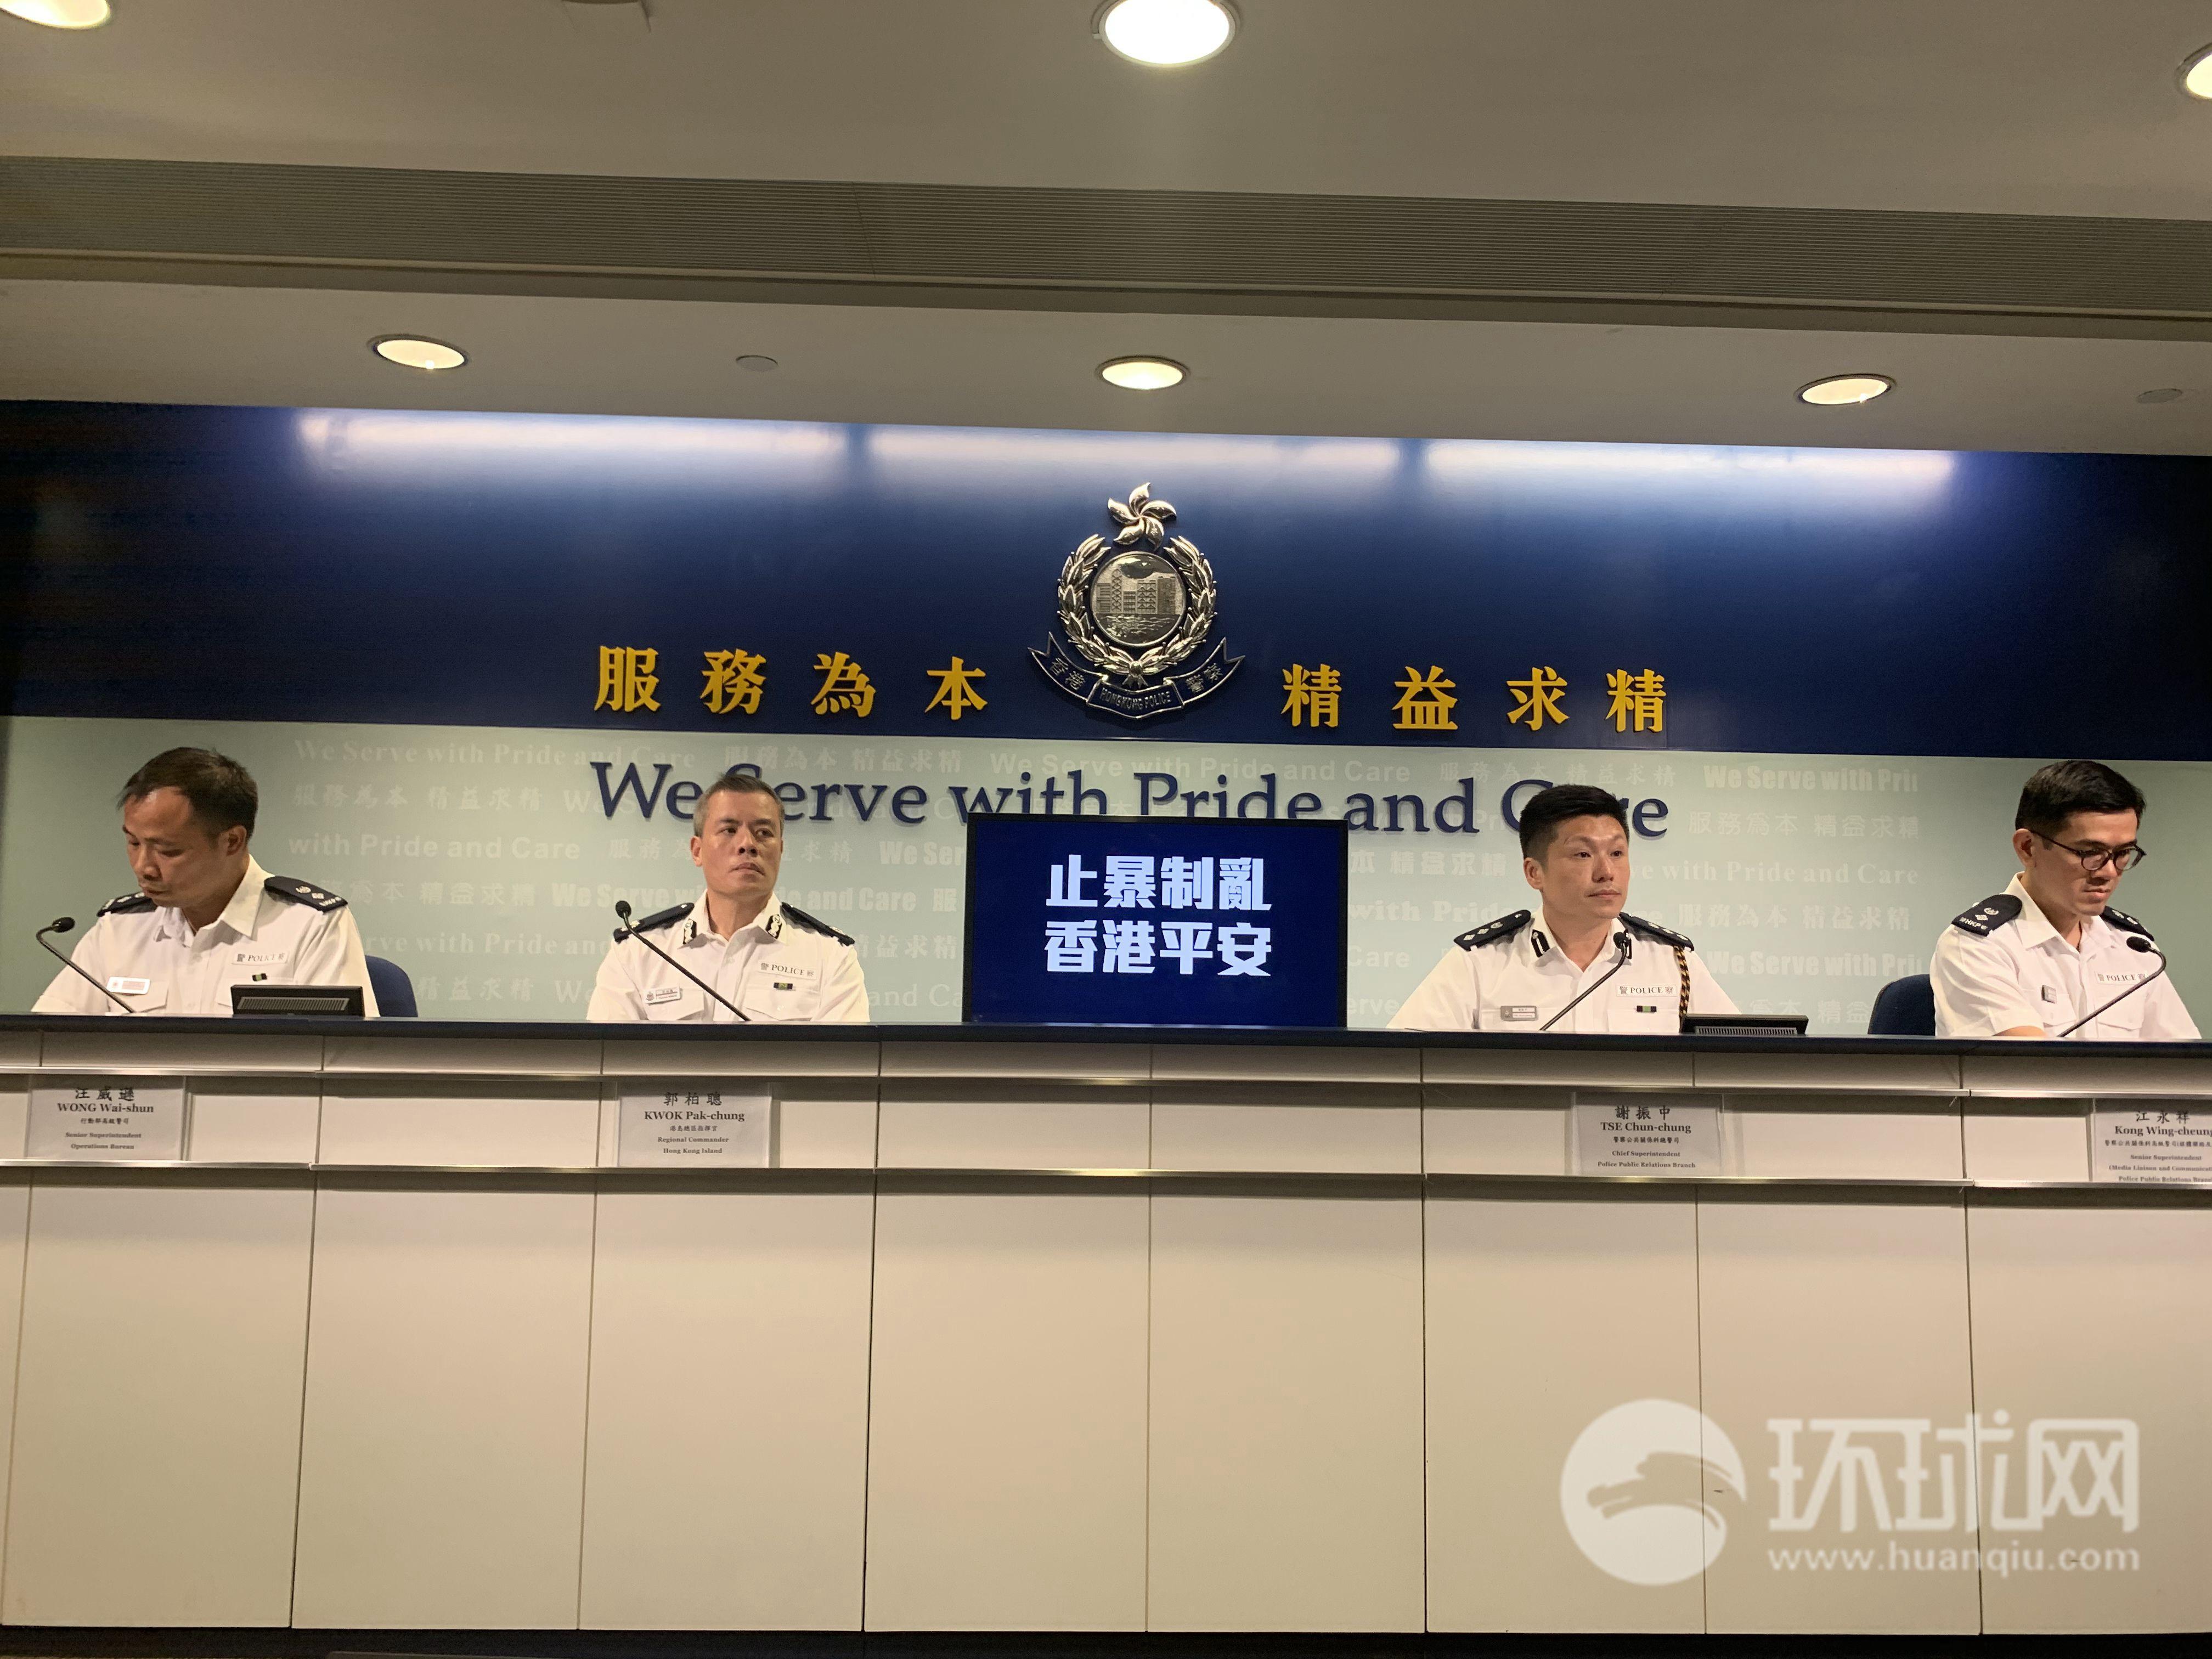 香港警方介绍开枪事件始末:警员用他的能力保证配枪不被抢